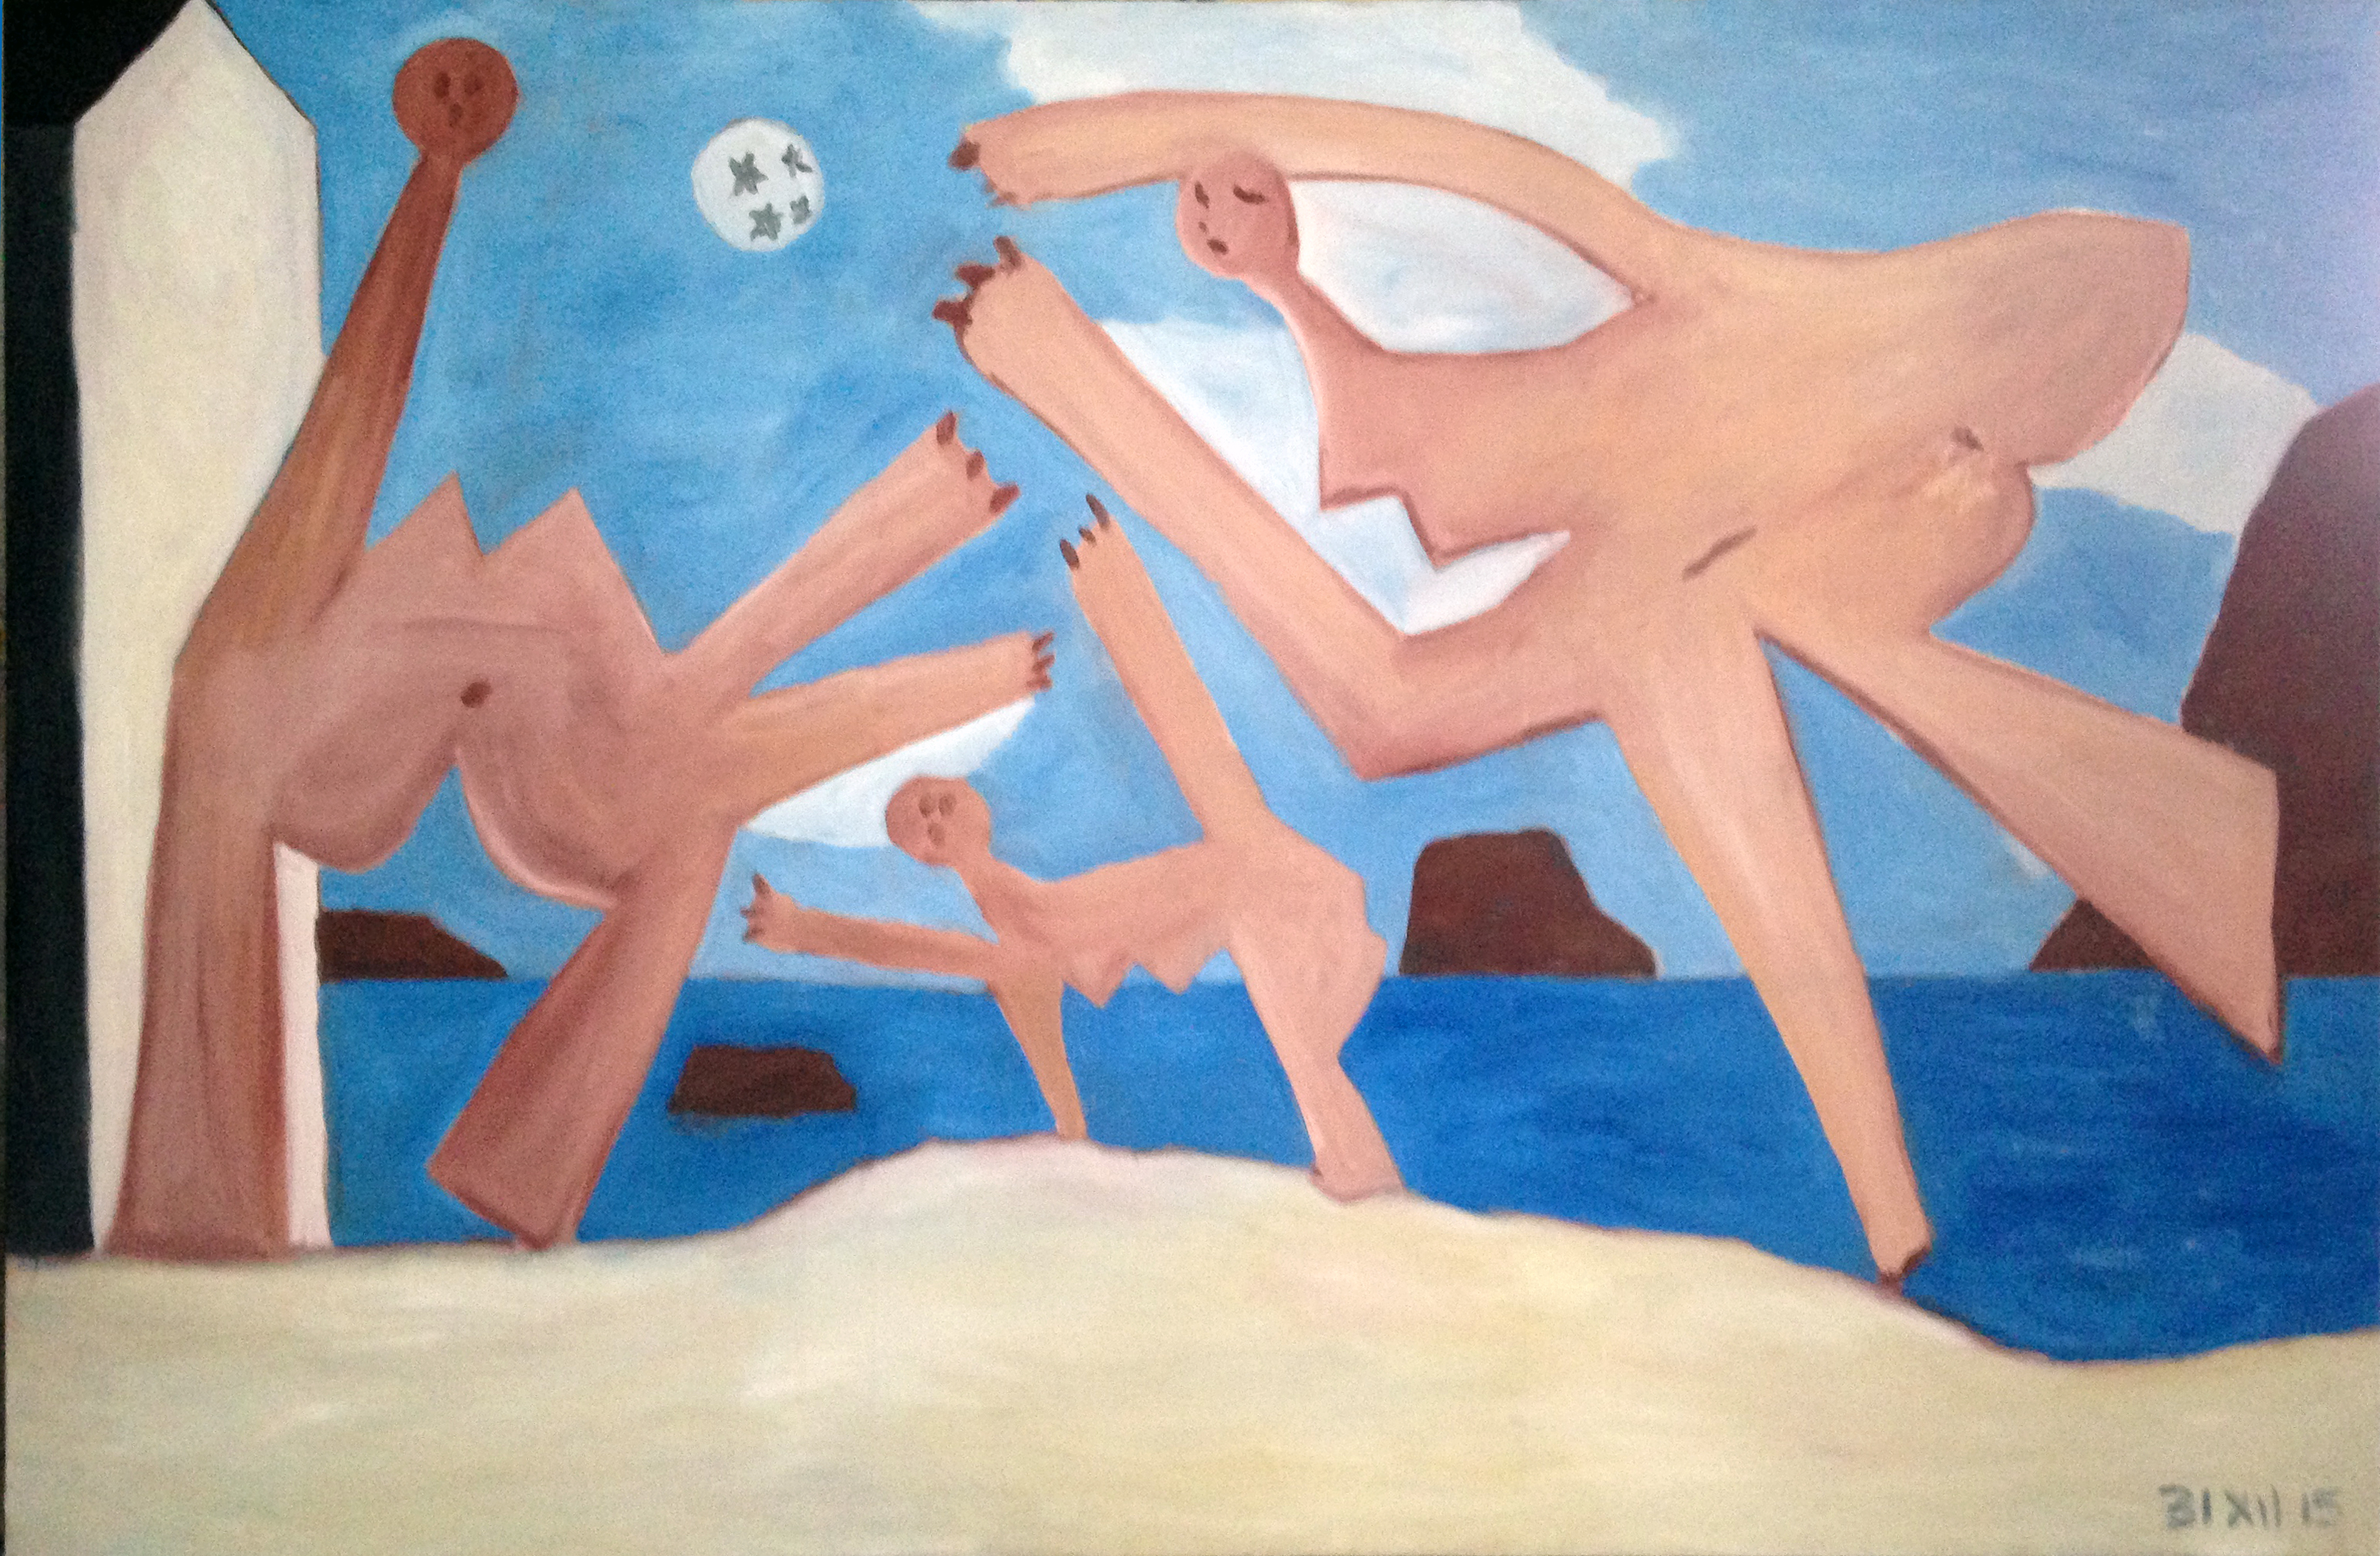 Picasso Femmes jouant au ballon